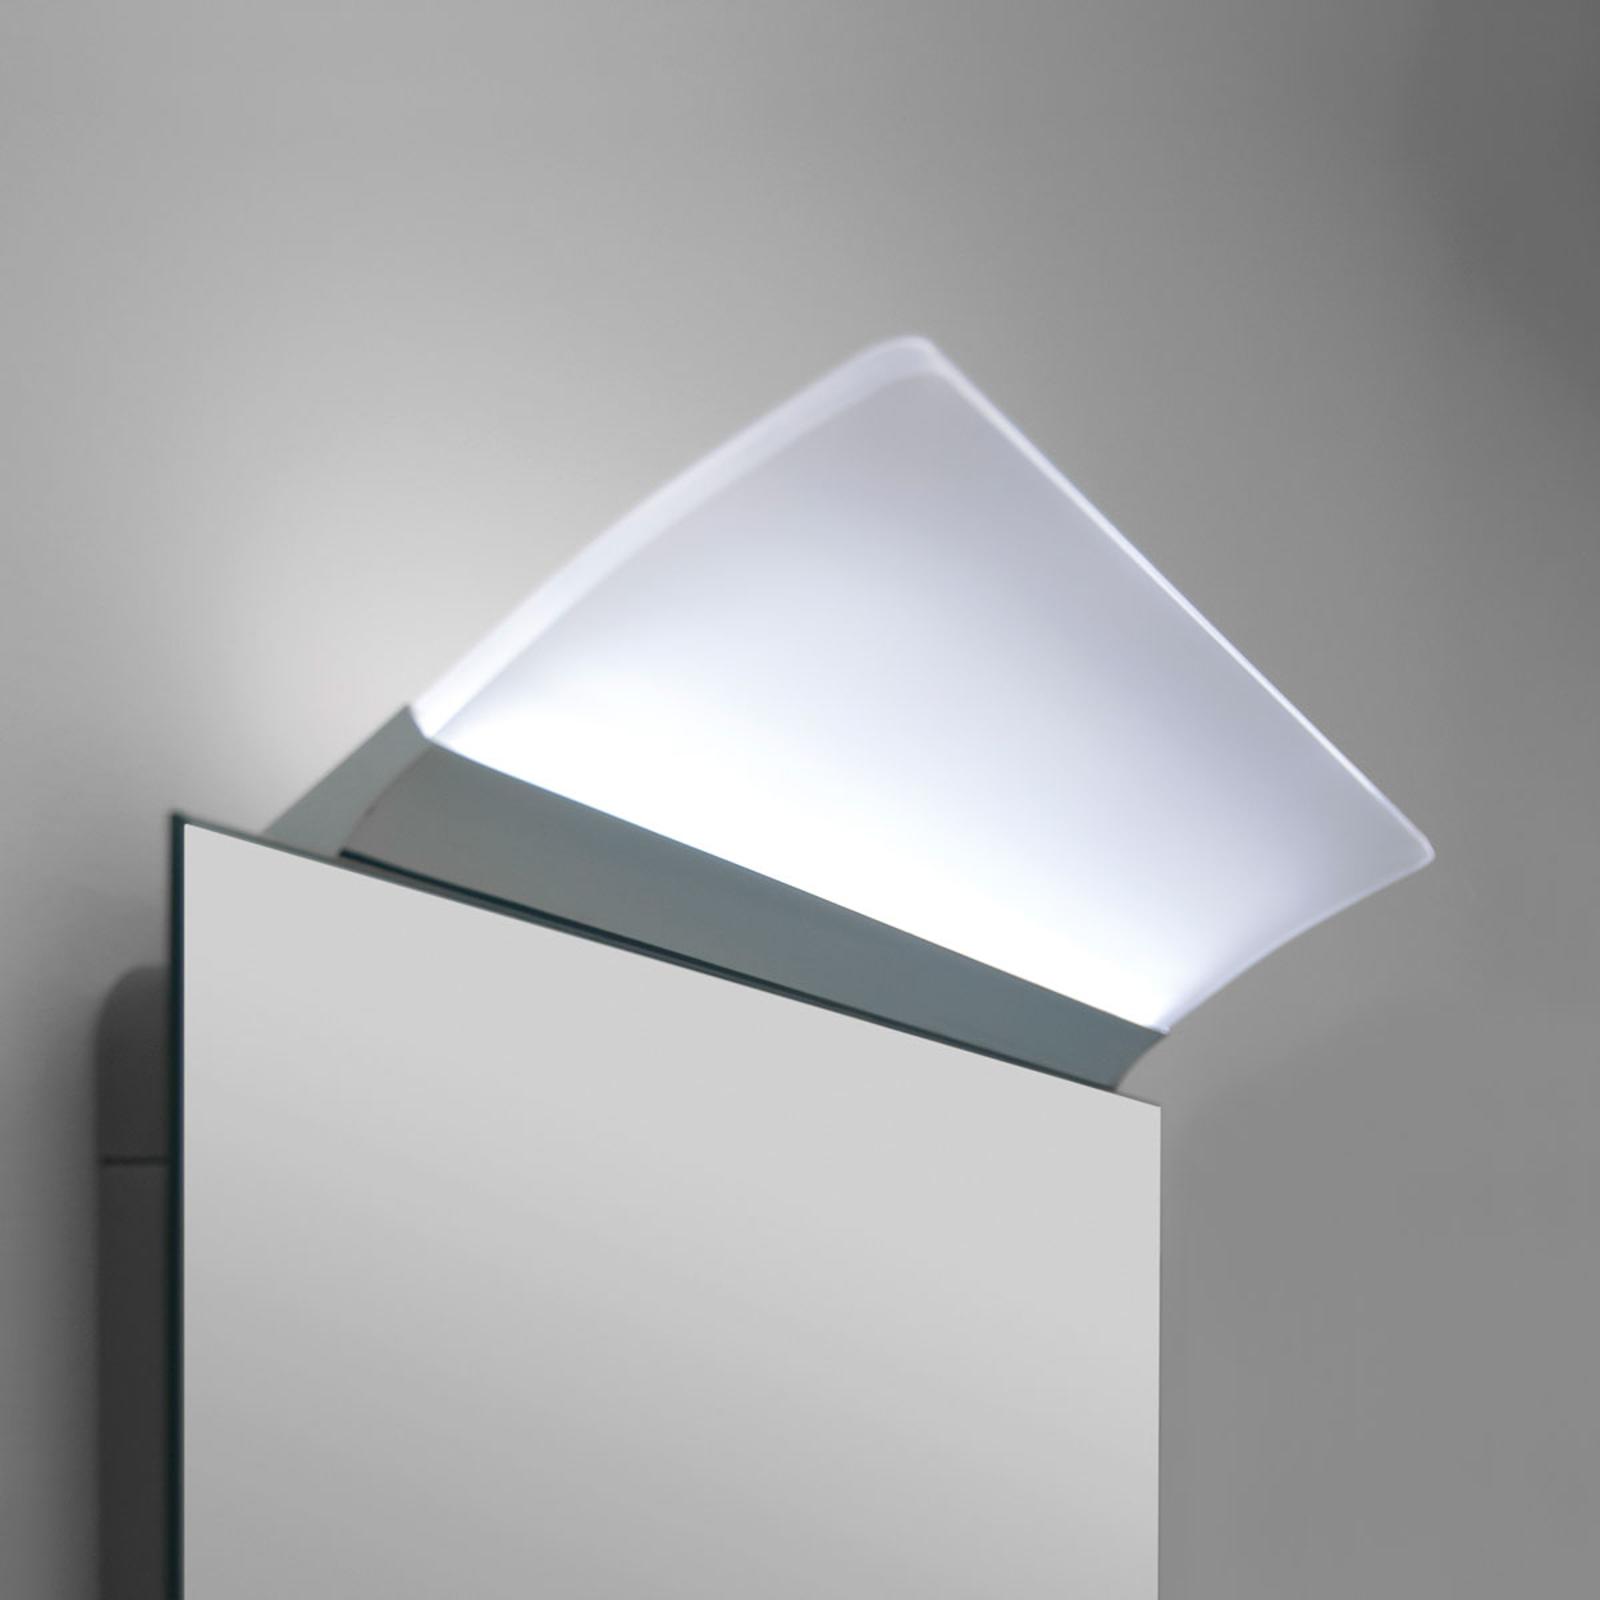 Flächige LED-Spiegelleuchte Angela, IP44, 30 cm